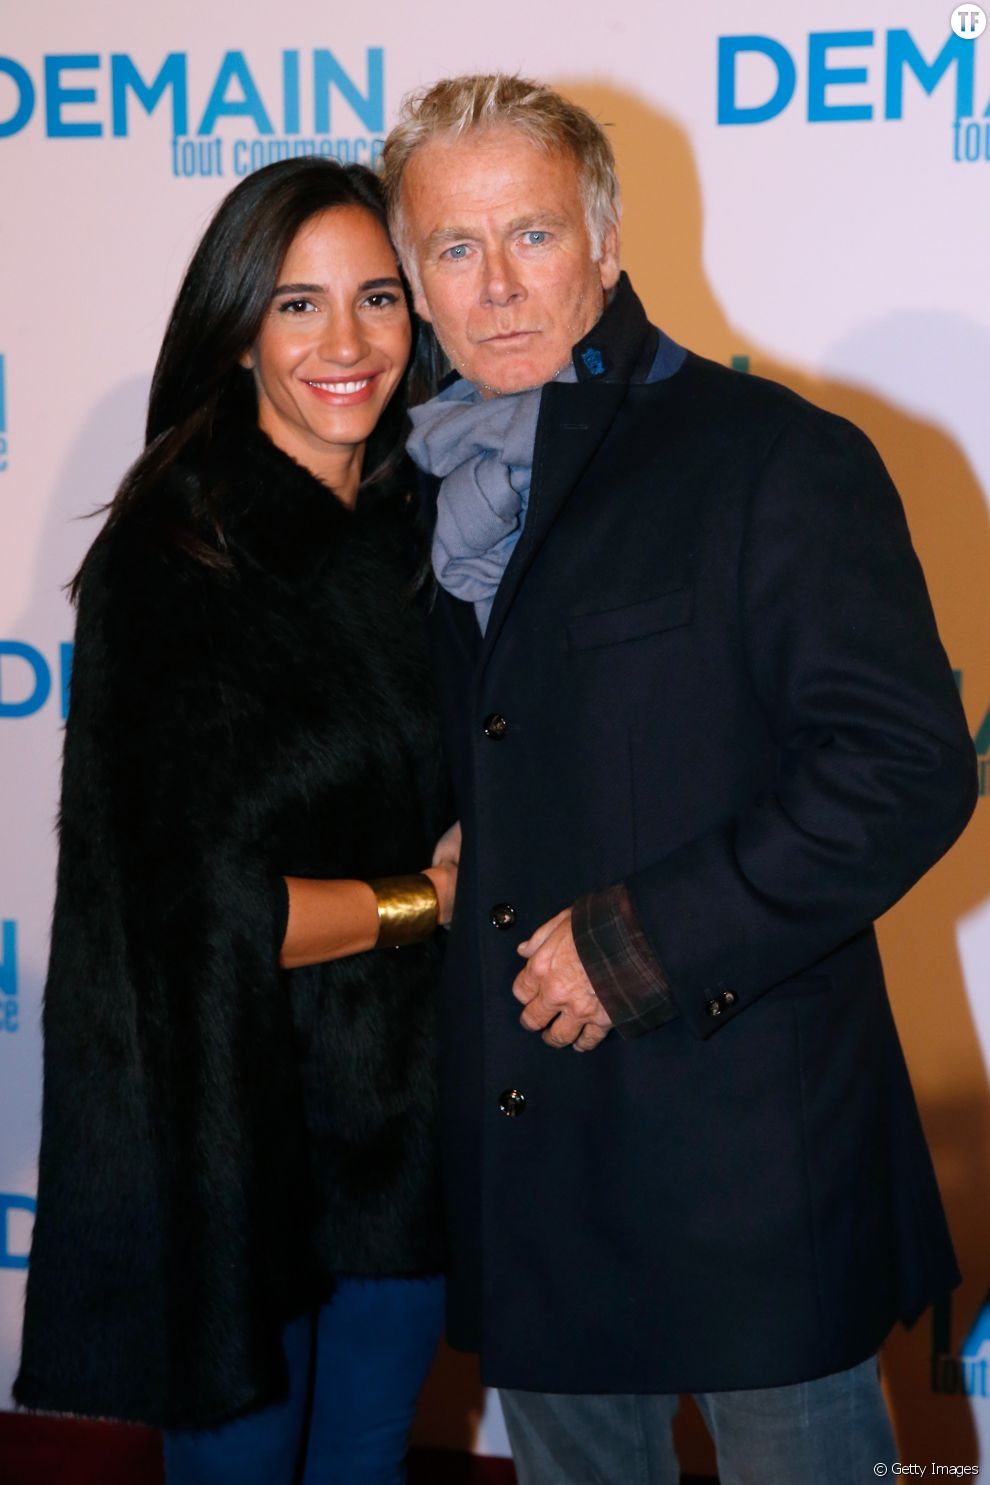 Franck Dubosc est en couple depuis 2009 avec Danièle, une jolie Libanaise qui préfère rester discrète. Le couple a deux enfants.